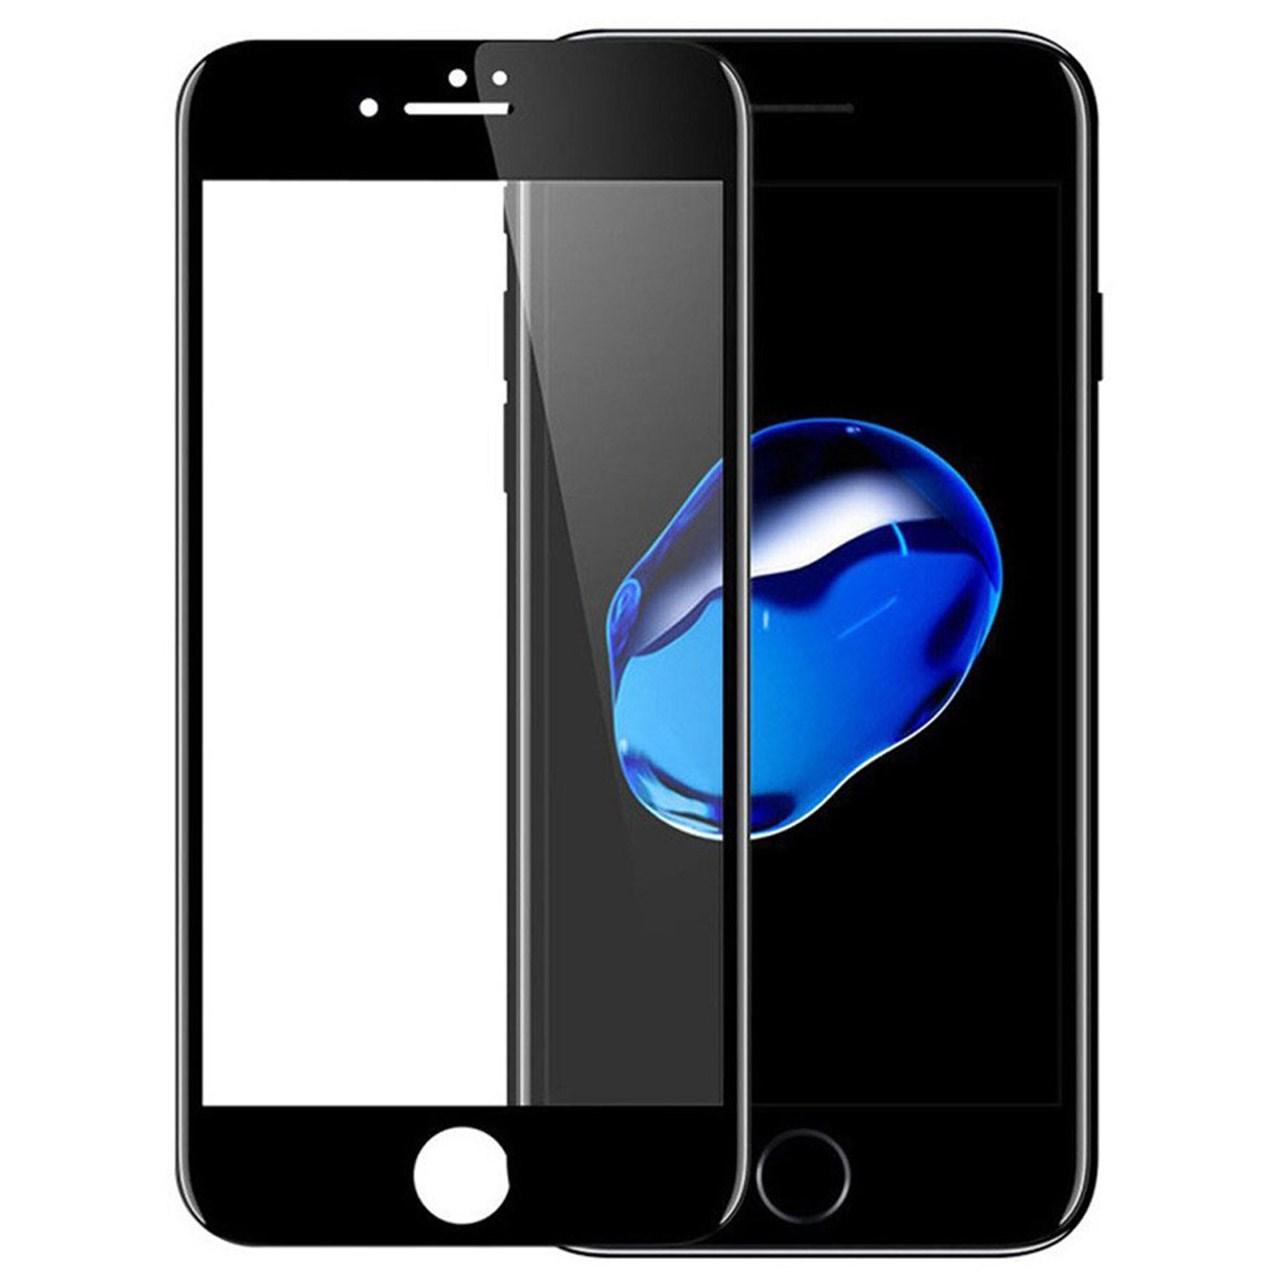 محافظ صفحه نمایش شیشه ای مدل 5D مناسب برای گوشی موبایل iPhone 7/8              ( قیمت عمده )